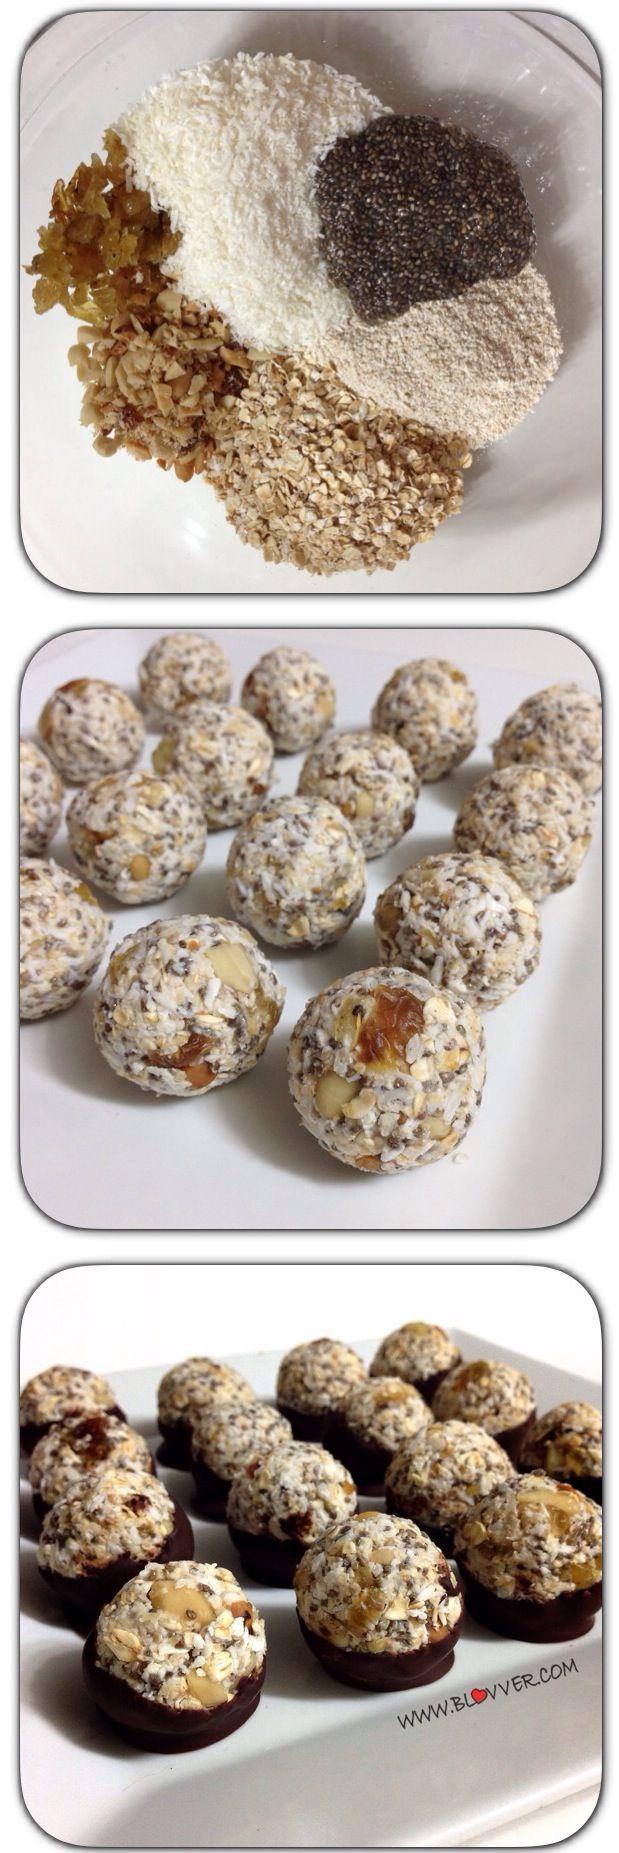 Bombones de avena, chia y coco, saludables, ricos, nutritivos y rápidos! Receta en WWW.BLOVVER.COM